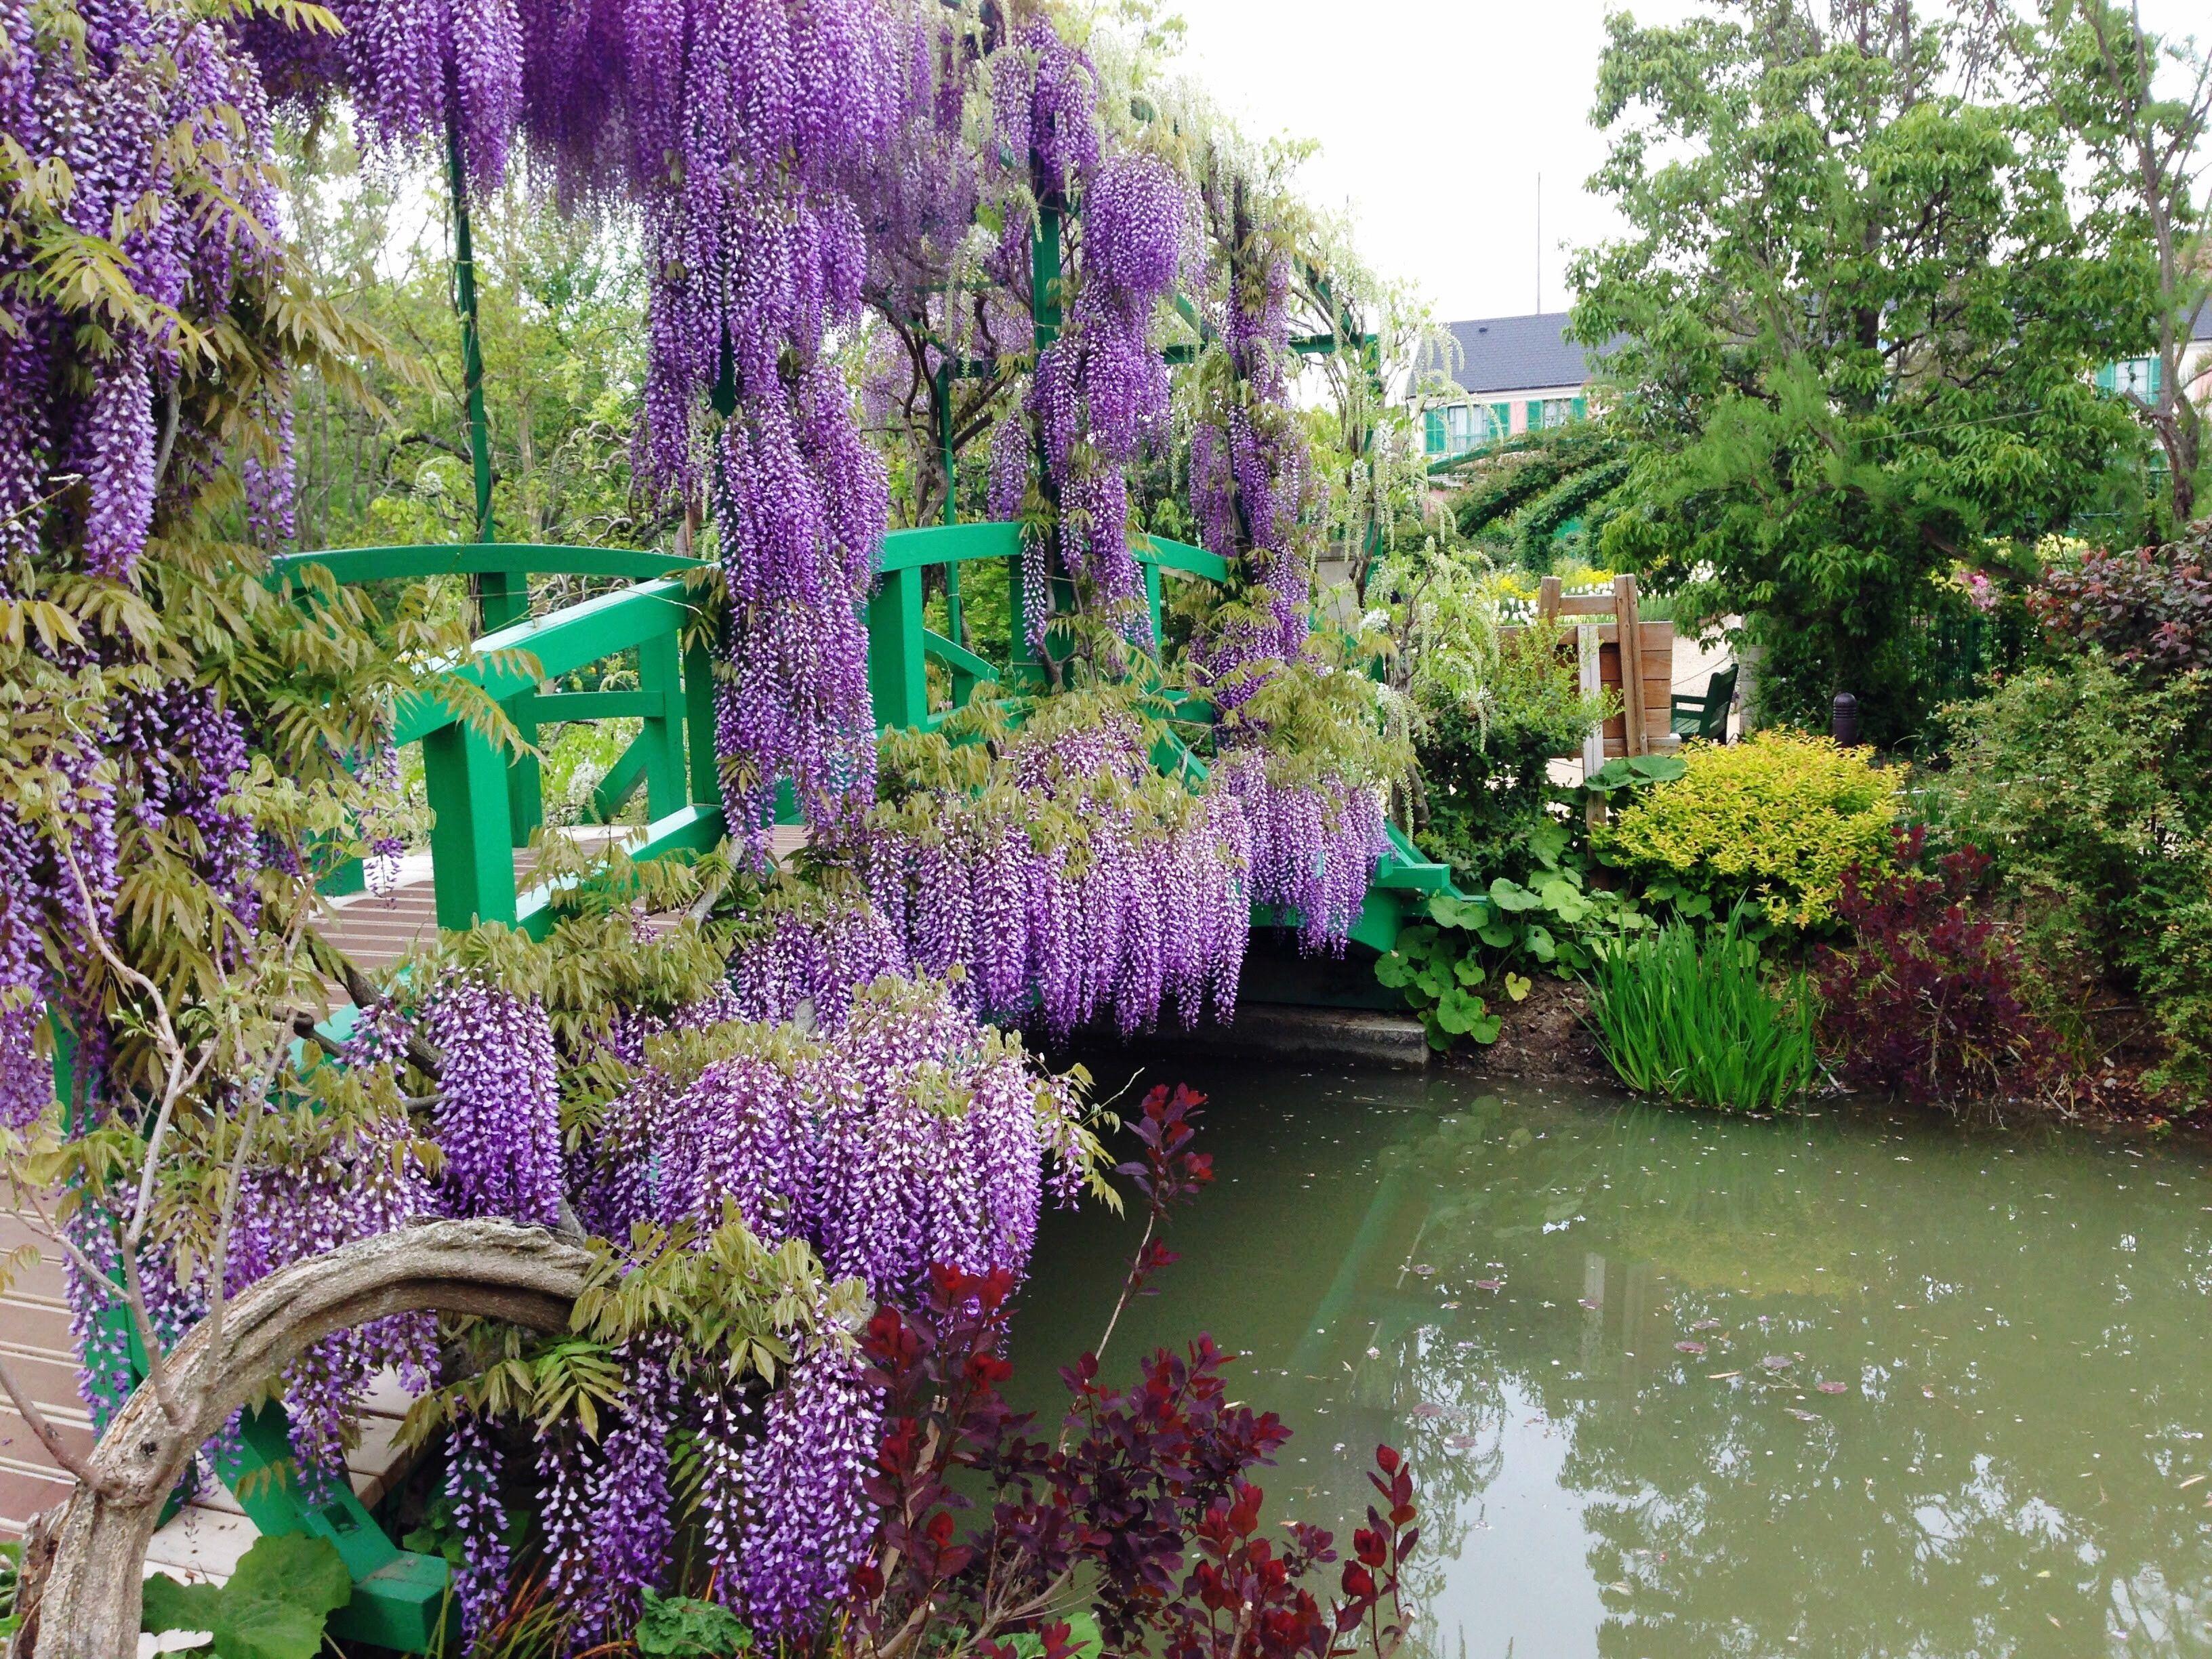 flores de glicina en el puente del parque